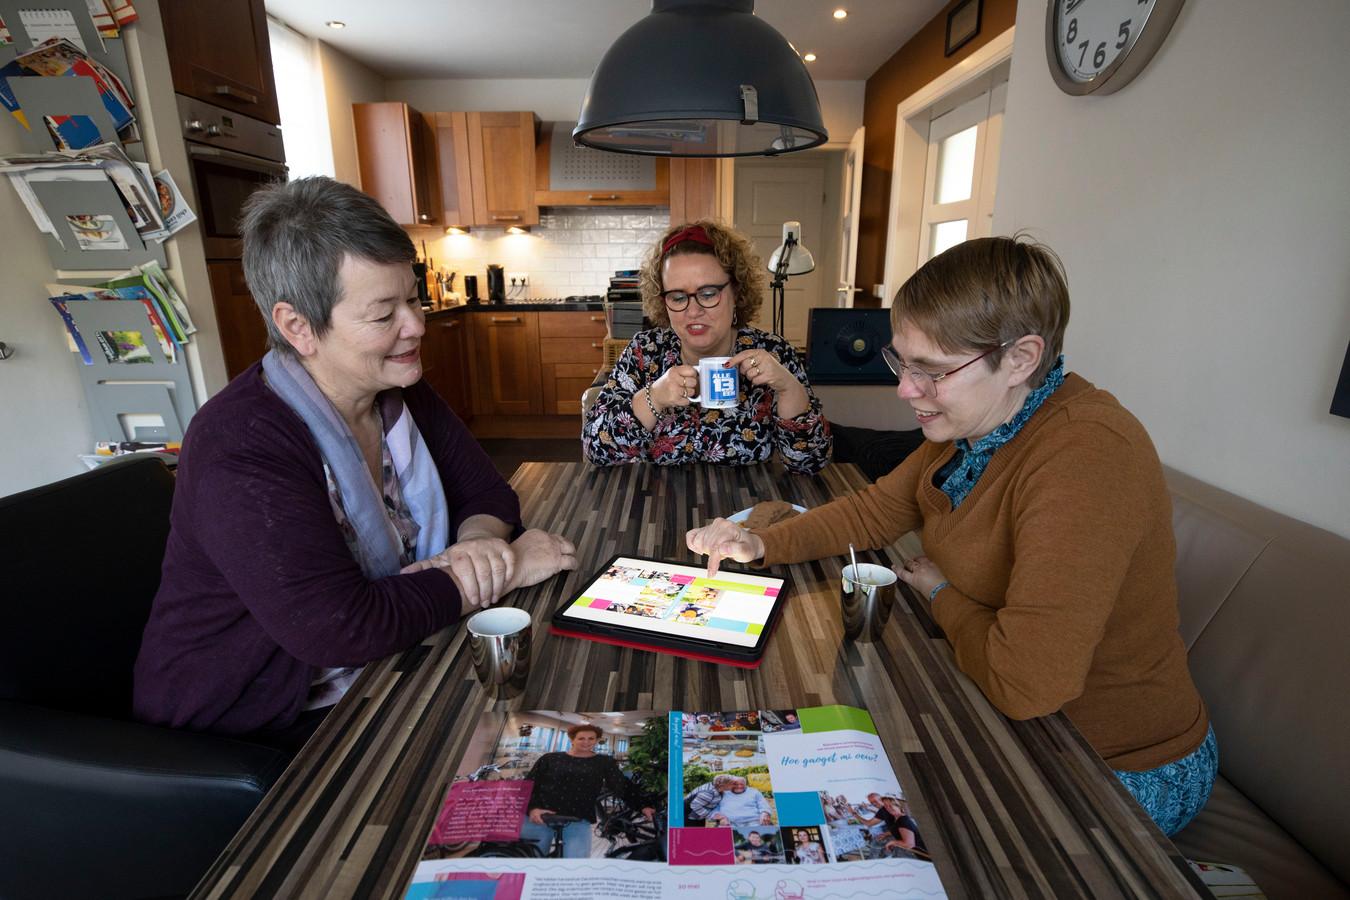 De drie makers van het boek: Hubertine van den Biggelaar, Ellis Rijkers en Connie Smits.